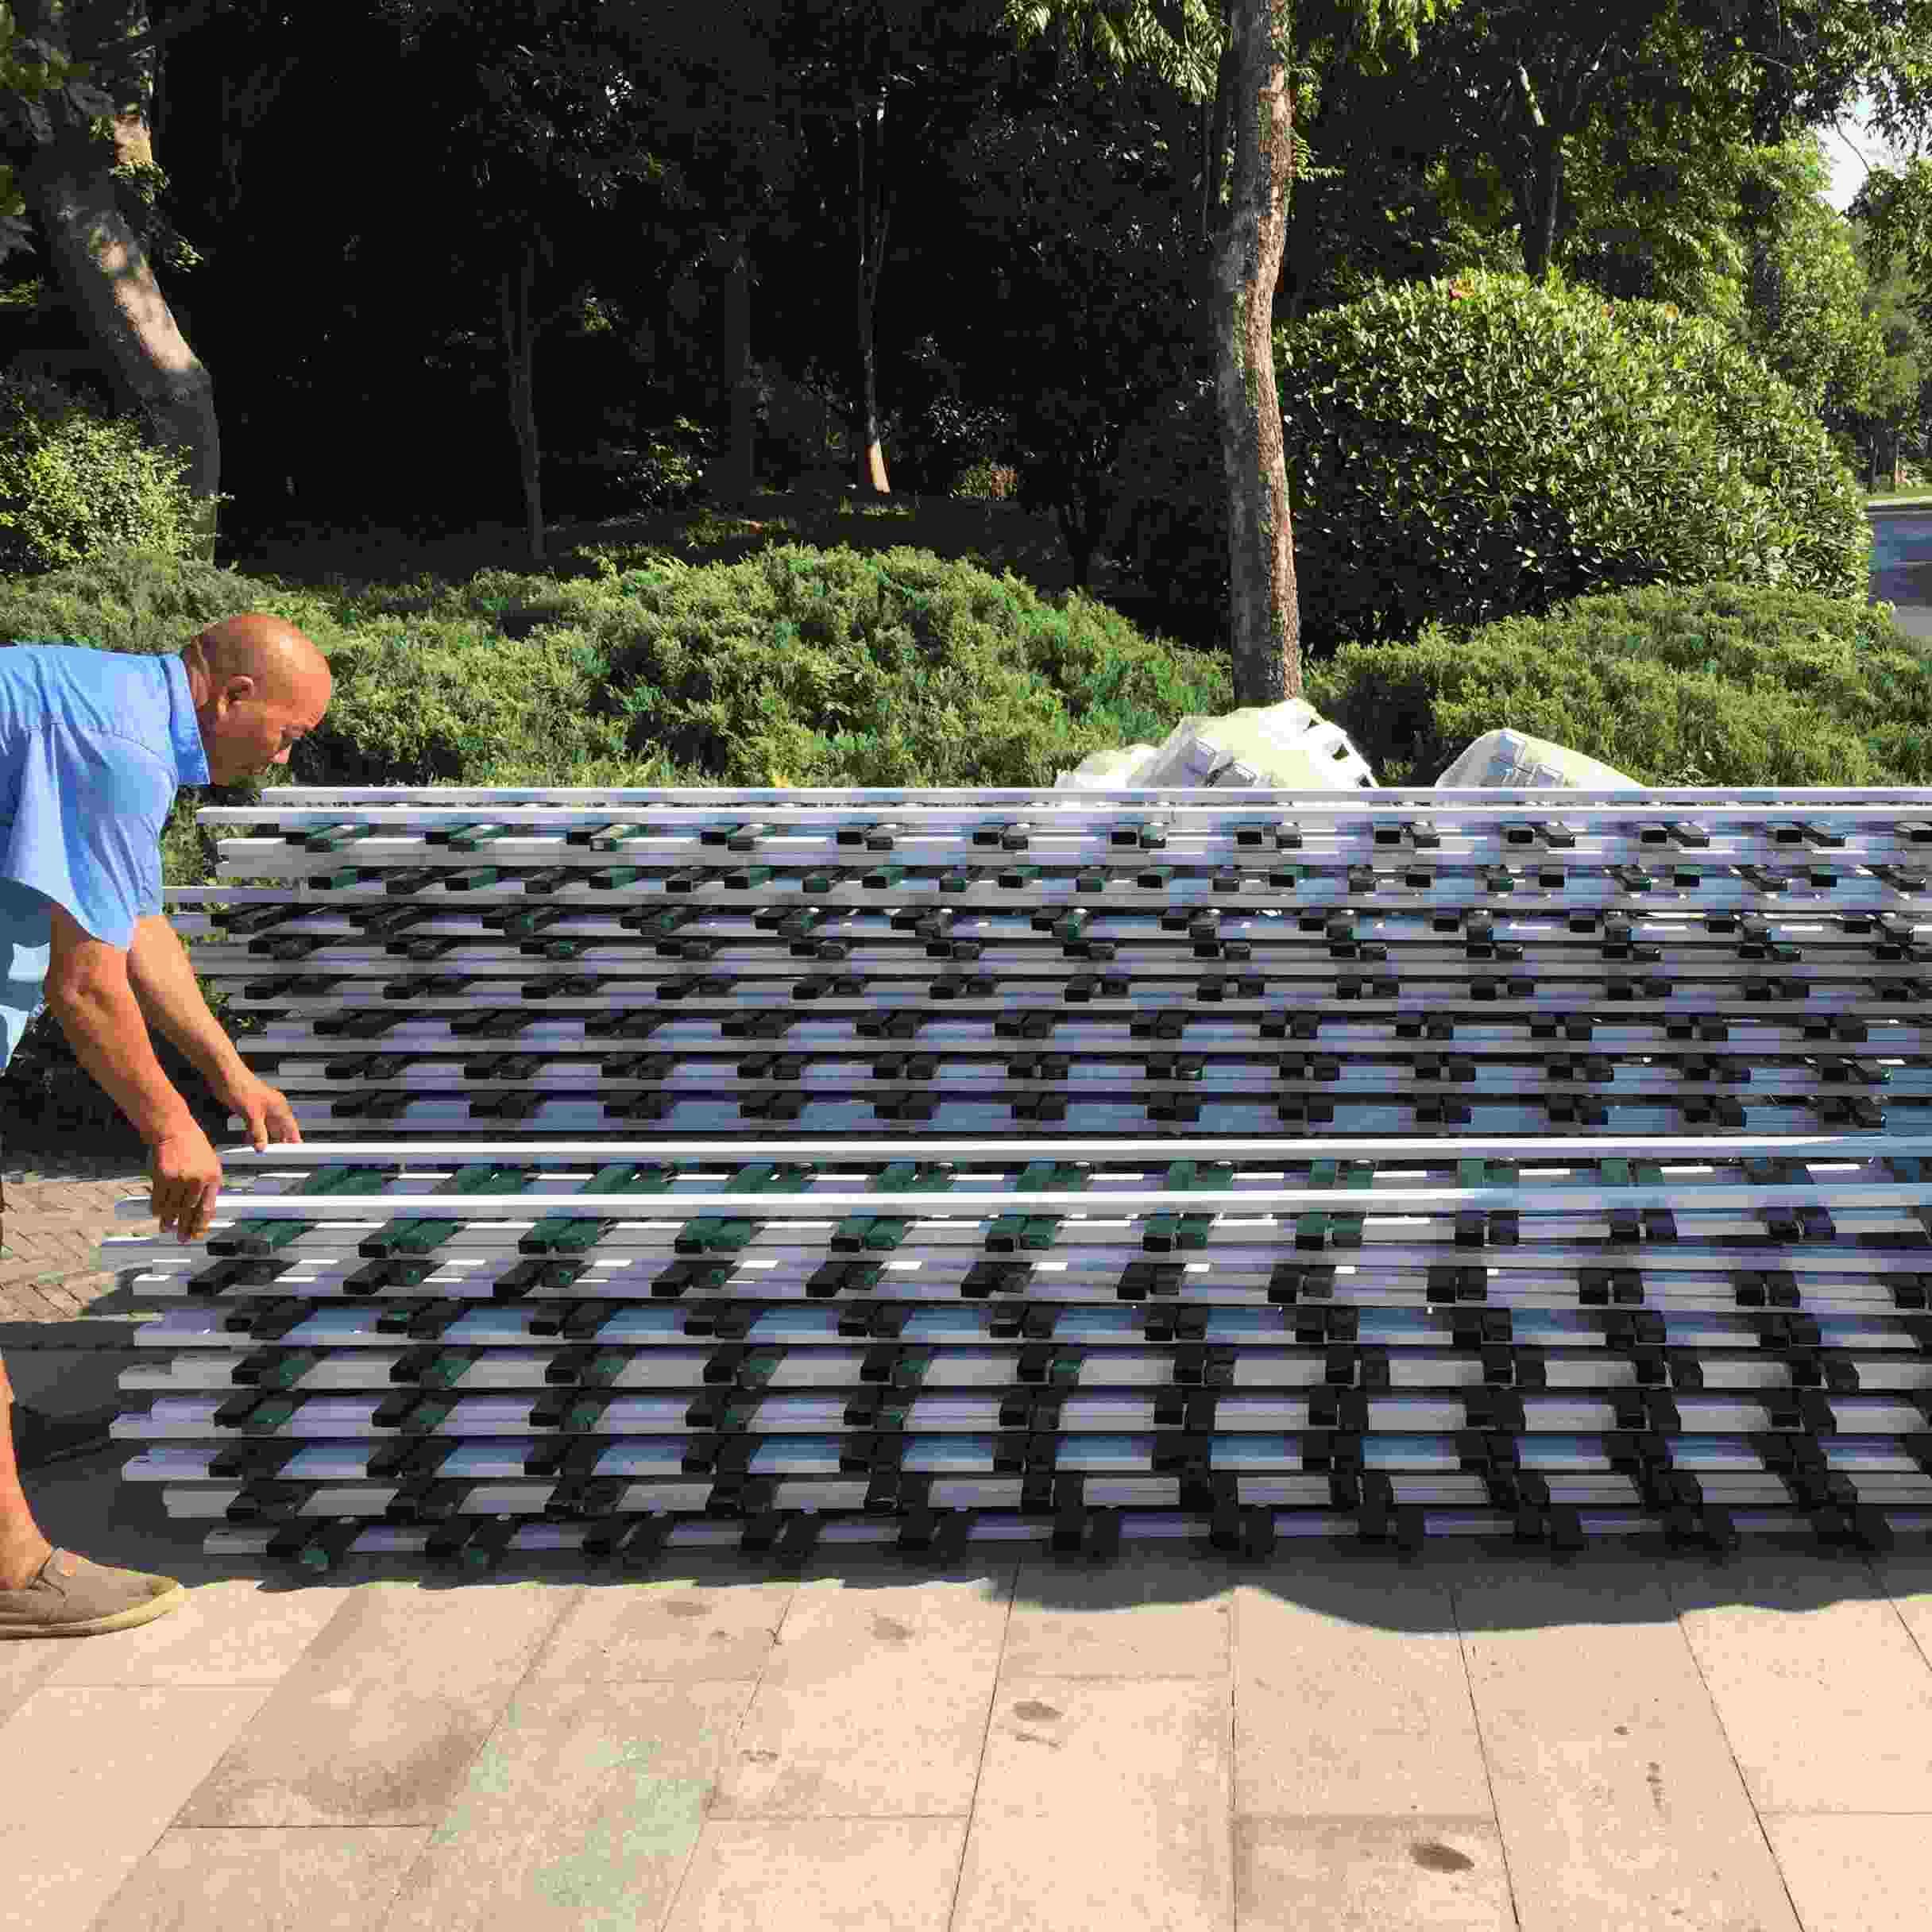 塑钢栅栏园艺护栏锌钢栅栏供应厂家-品牌好的锌钢园艺护栏价格怎么样